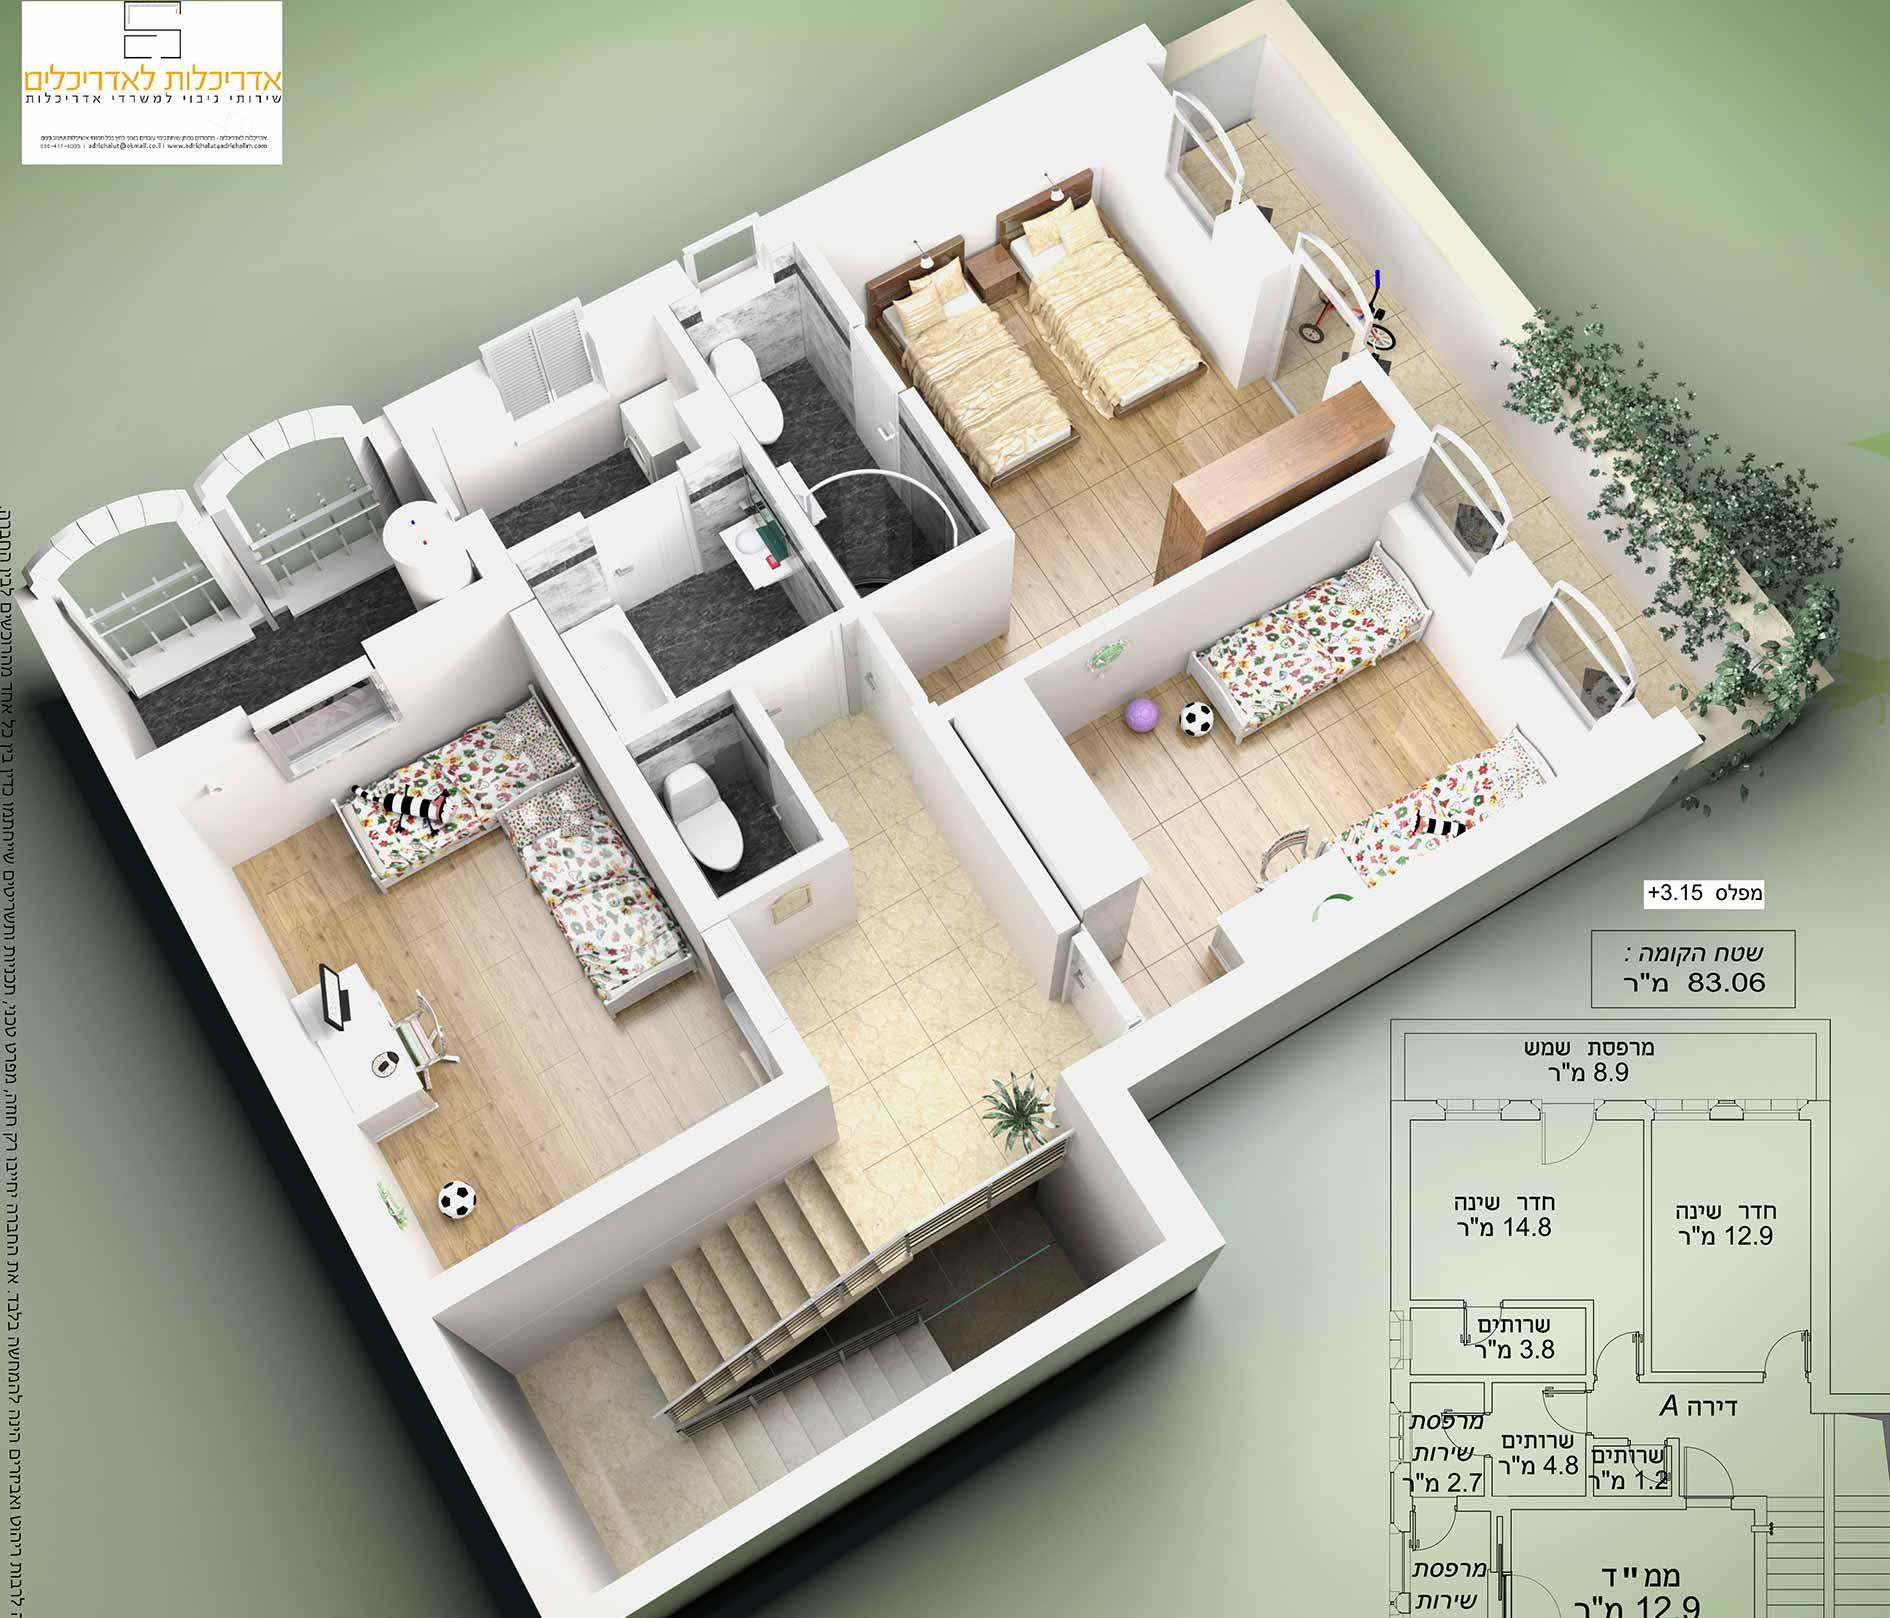 תוכנית אדריכלית לבית פרטי